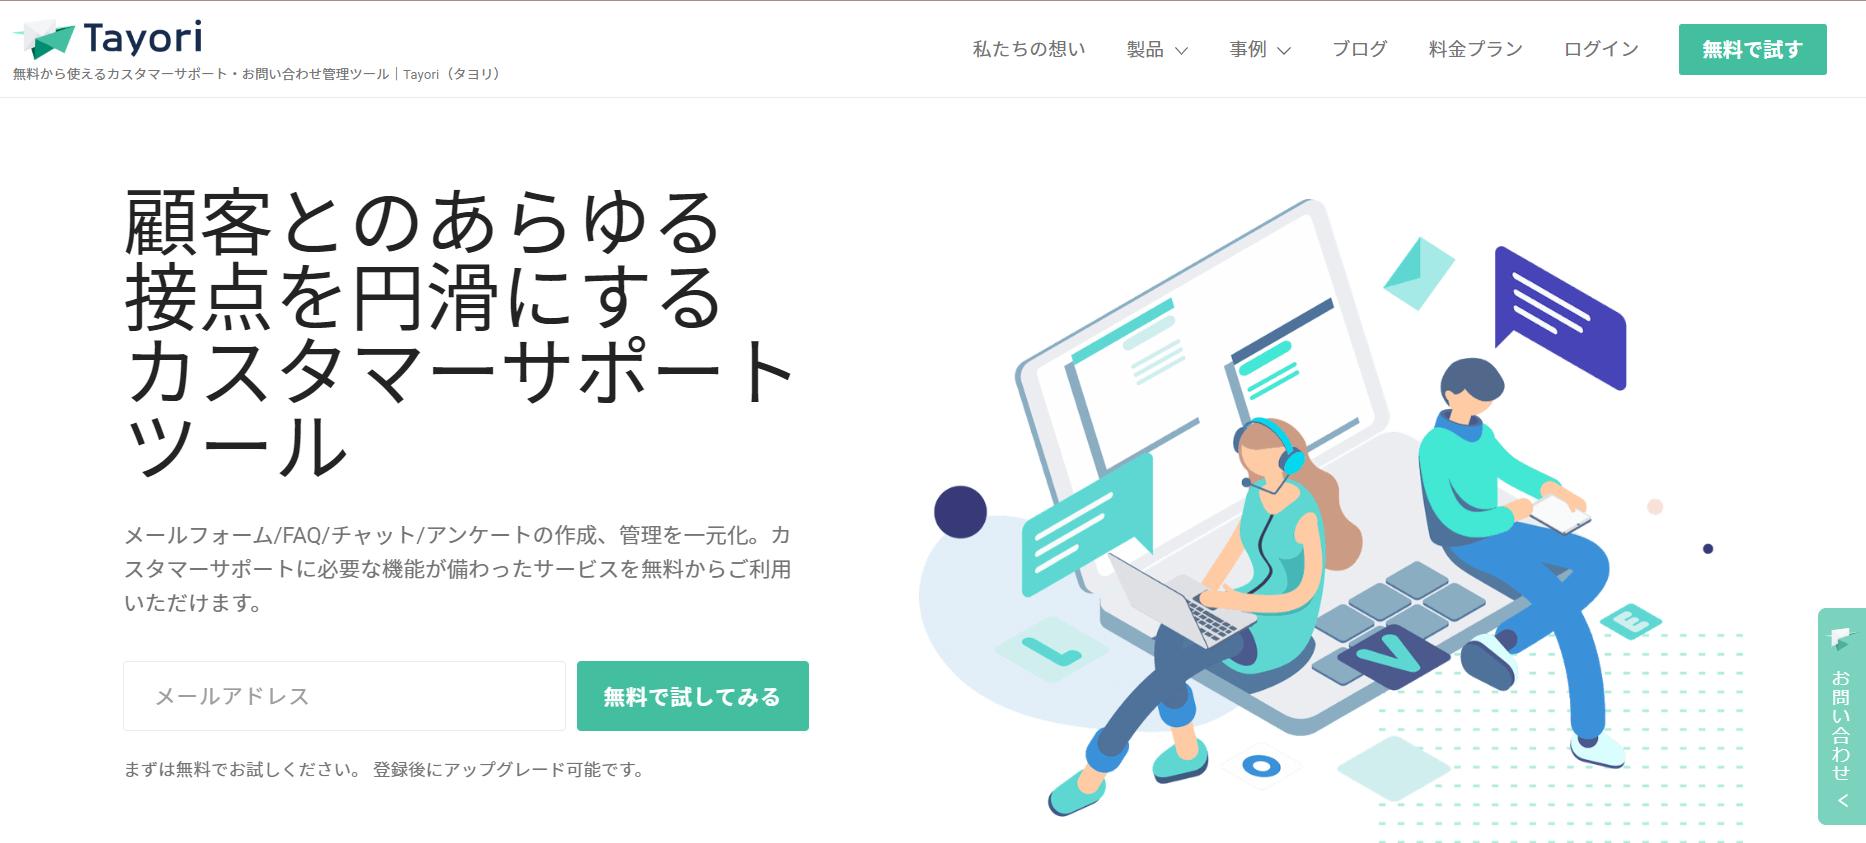 FAQツール9「Tayori」